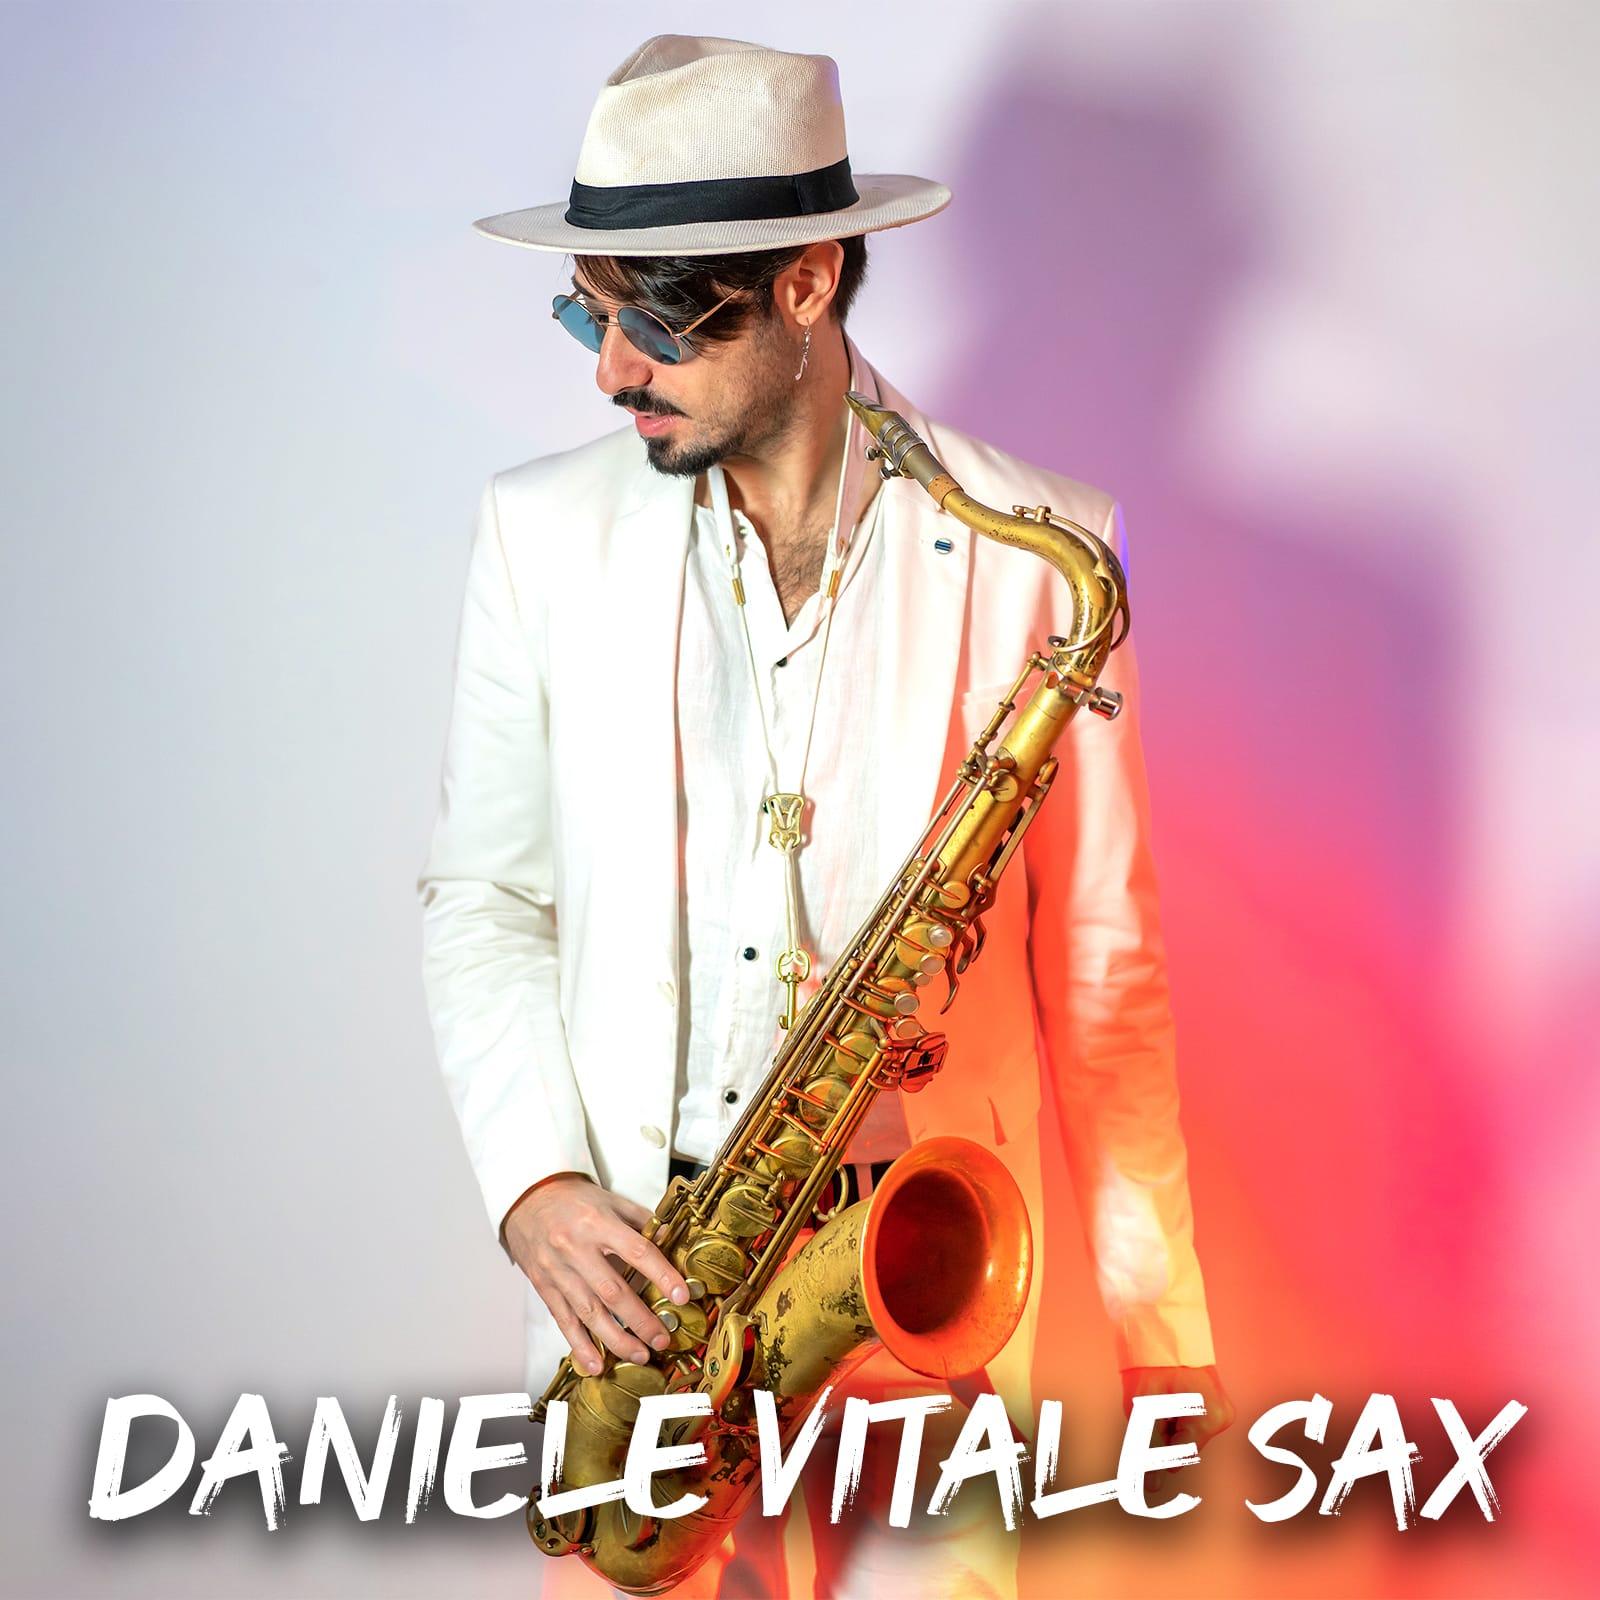 Daniele Vitale Sax: dalla Campania alla conquista del Mondo